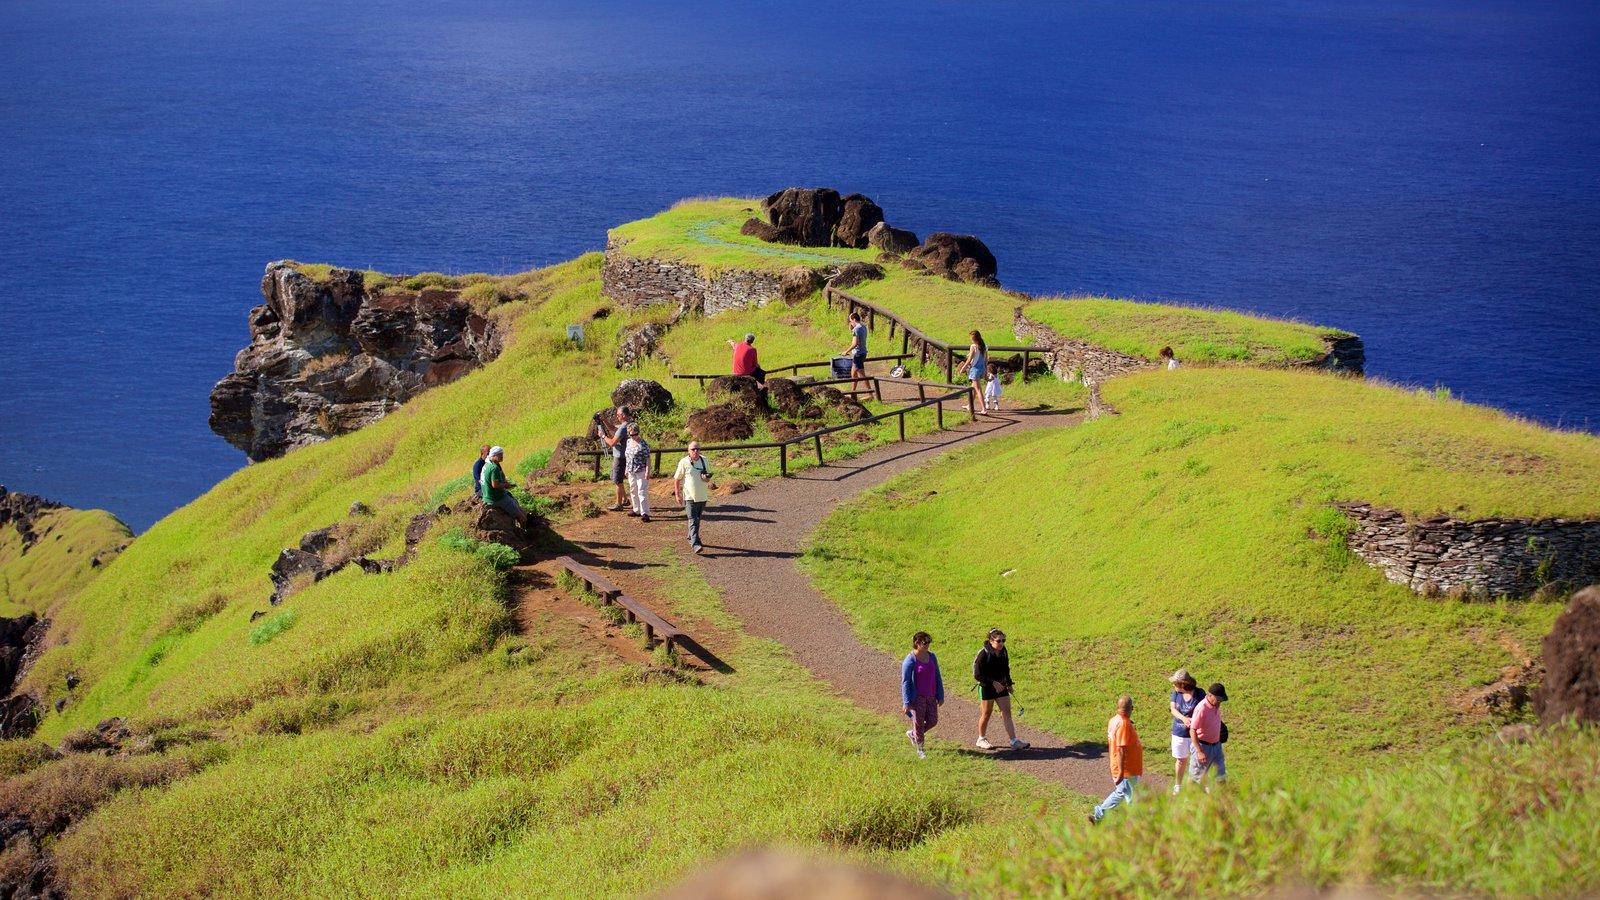 Isla de Pascua ofreciendo vistas generales de la costa y también un gran grupo de personas